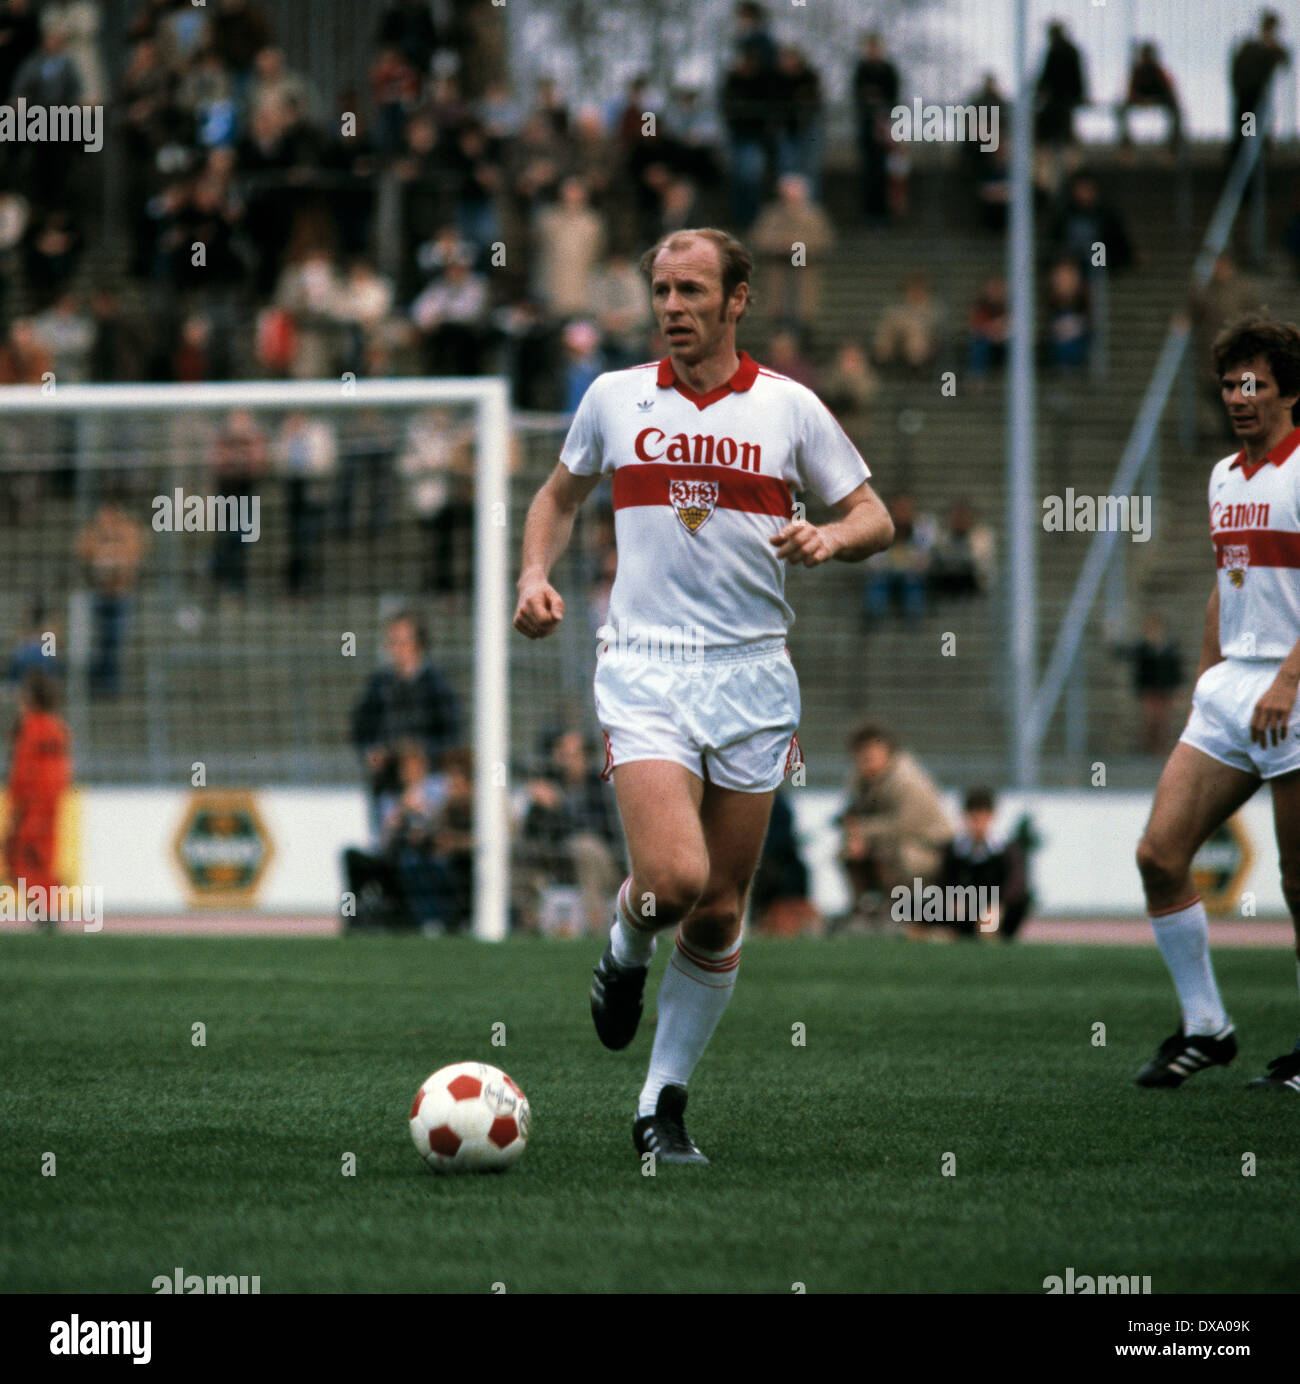 football, Bundesliga, 1980/1981, Rhine Stadium, Fortuna Duesseldorf versus VfB Stuttgart 3:1, scene of the match, Erwin Hadewicz (Stuttgart) in ball possession - Stock Image